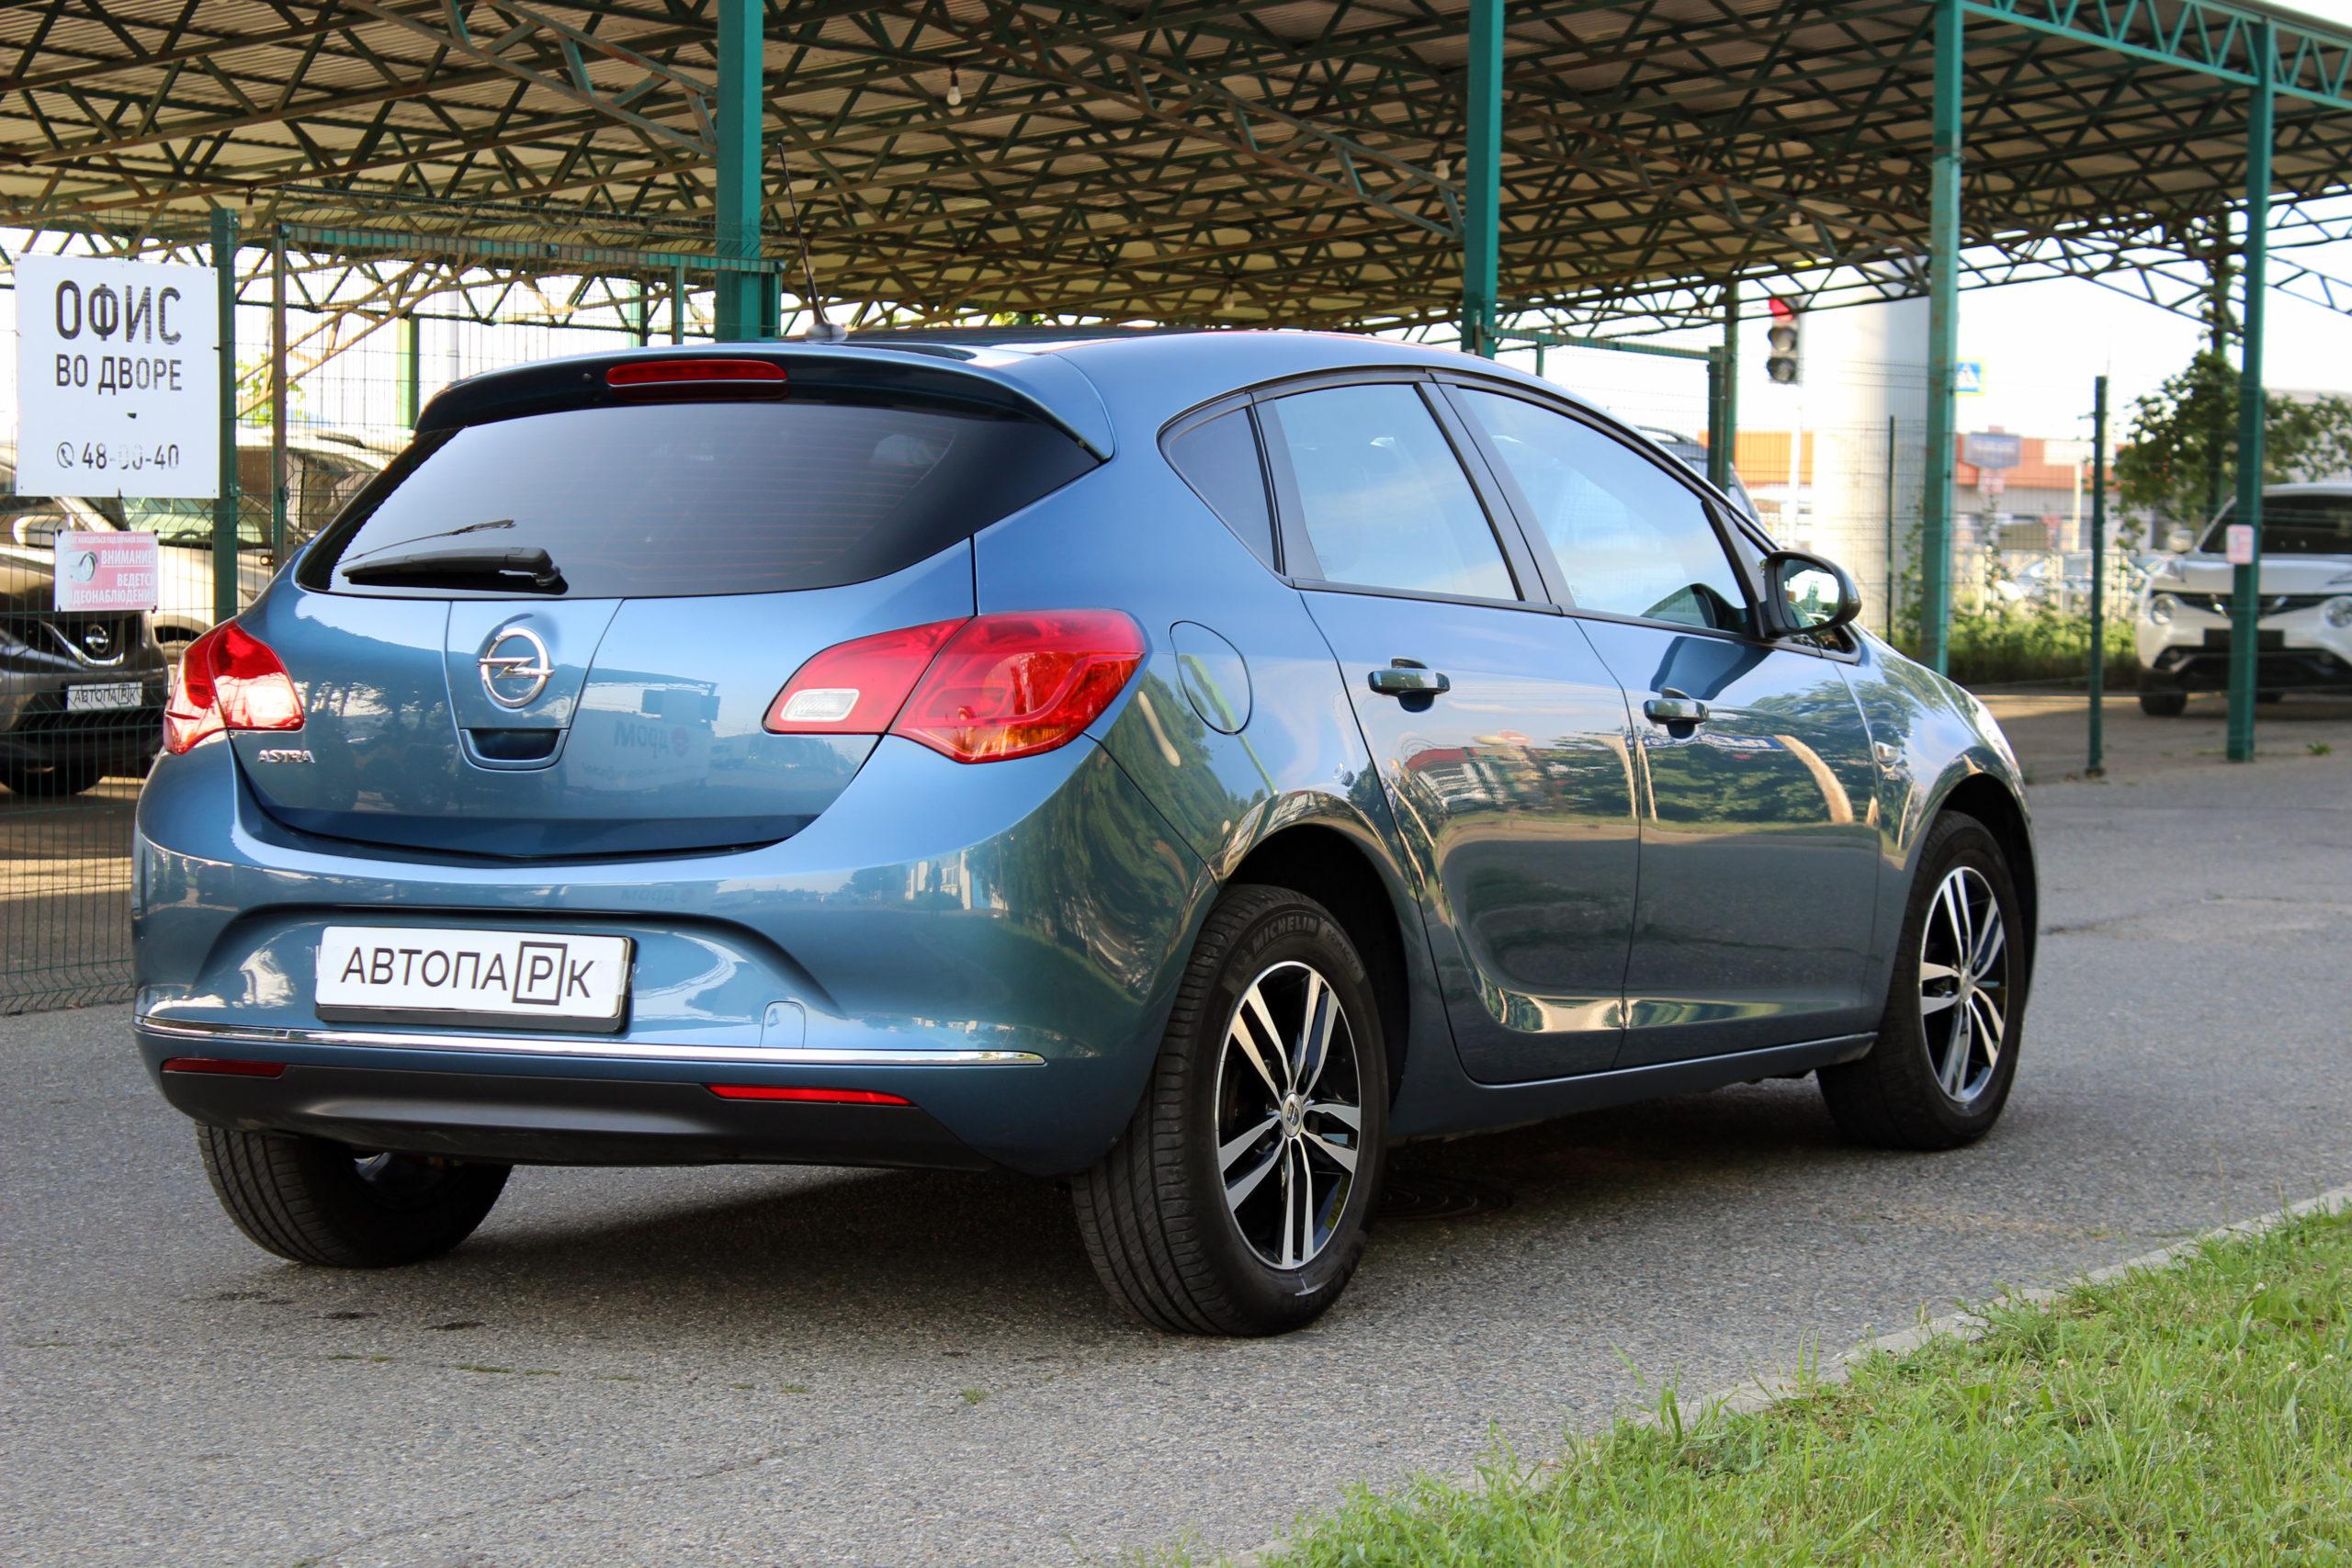 Купить Opel Astra (Белый) - Автопарк Ставрополь